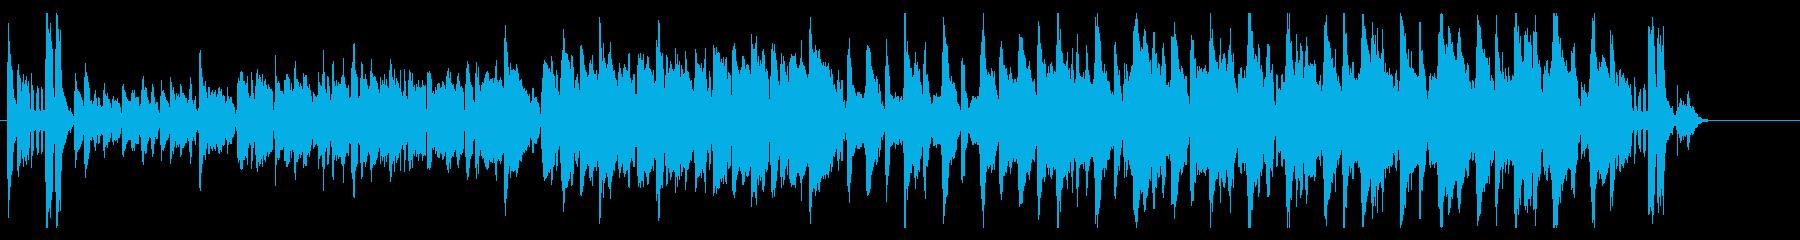 【オーケストラ】子供勇者_冒険_ドキドキの再生済みの波形